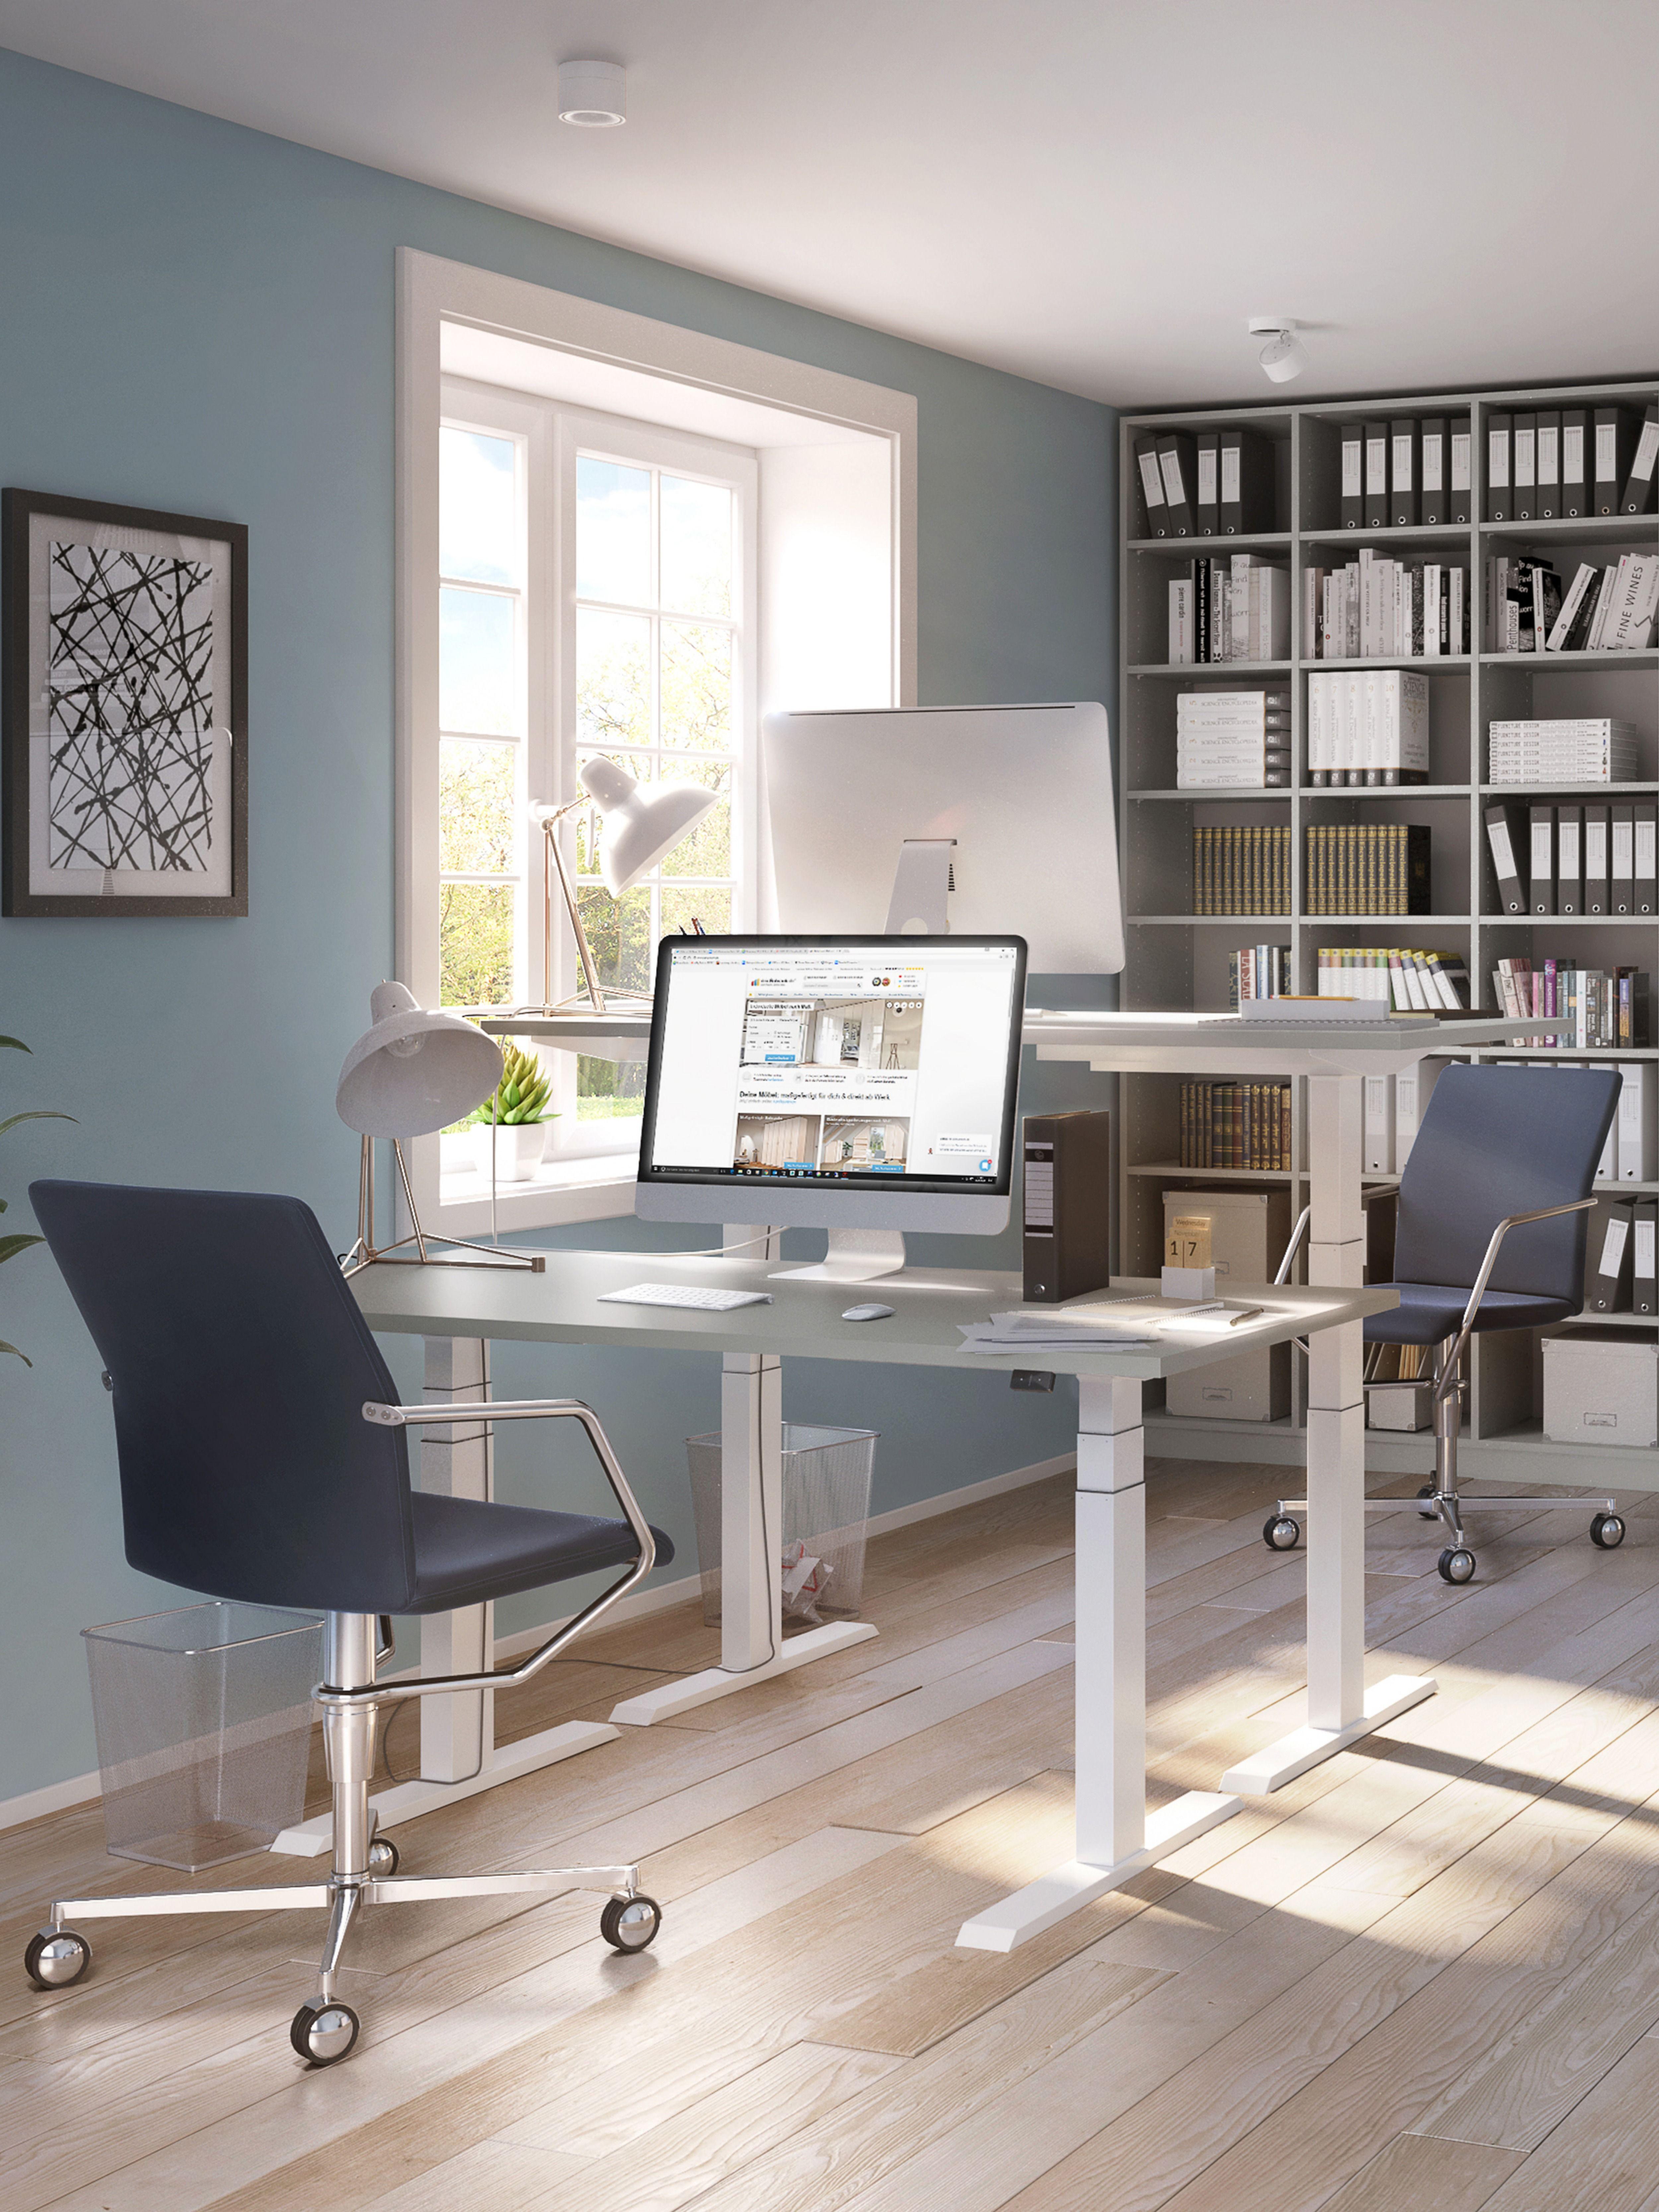 Hohenverstellbarer Schreibtisch Schreibtisch Tisch Hohenverstellbar Mobel Nach Mass